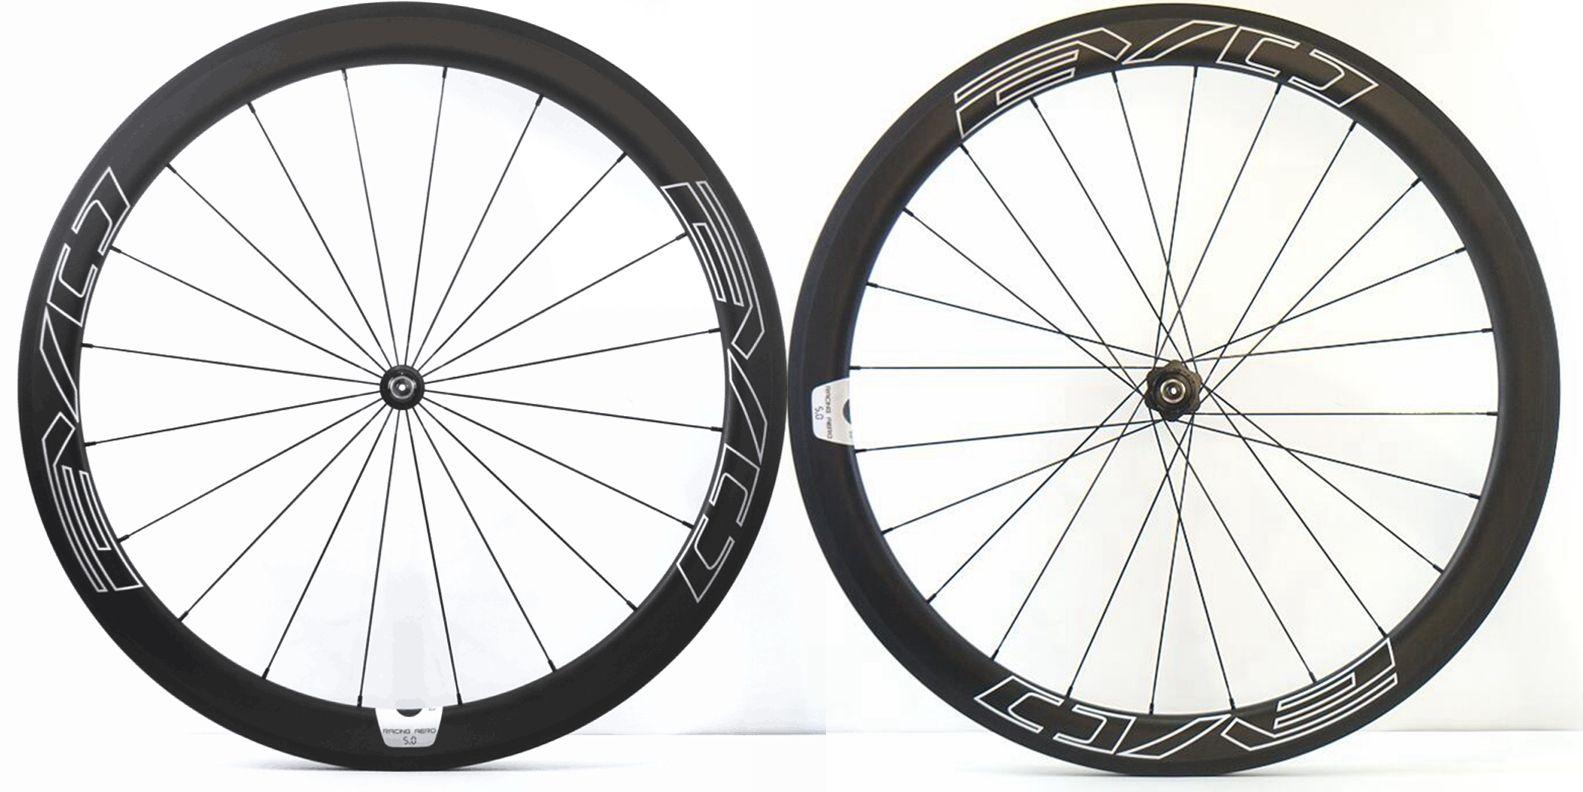 700C 50mm Profundidade Rodoviária Bike Rodas de Carbono 25mm Largura Clincher / Bicicleta Tubular Super Light Aero Wheelset